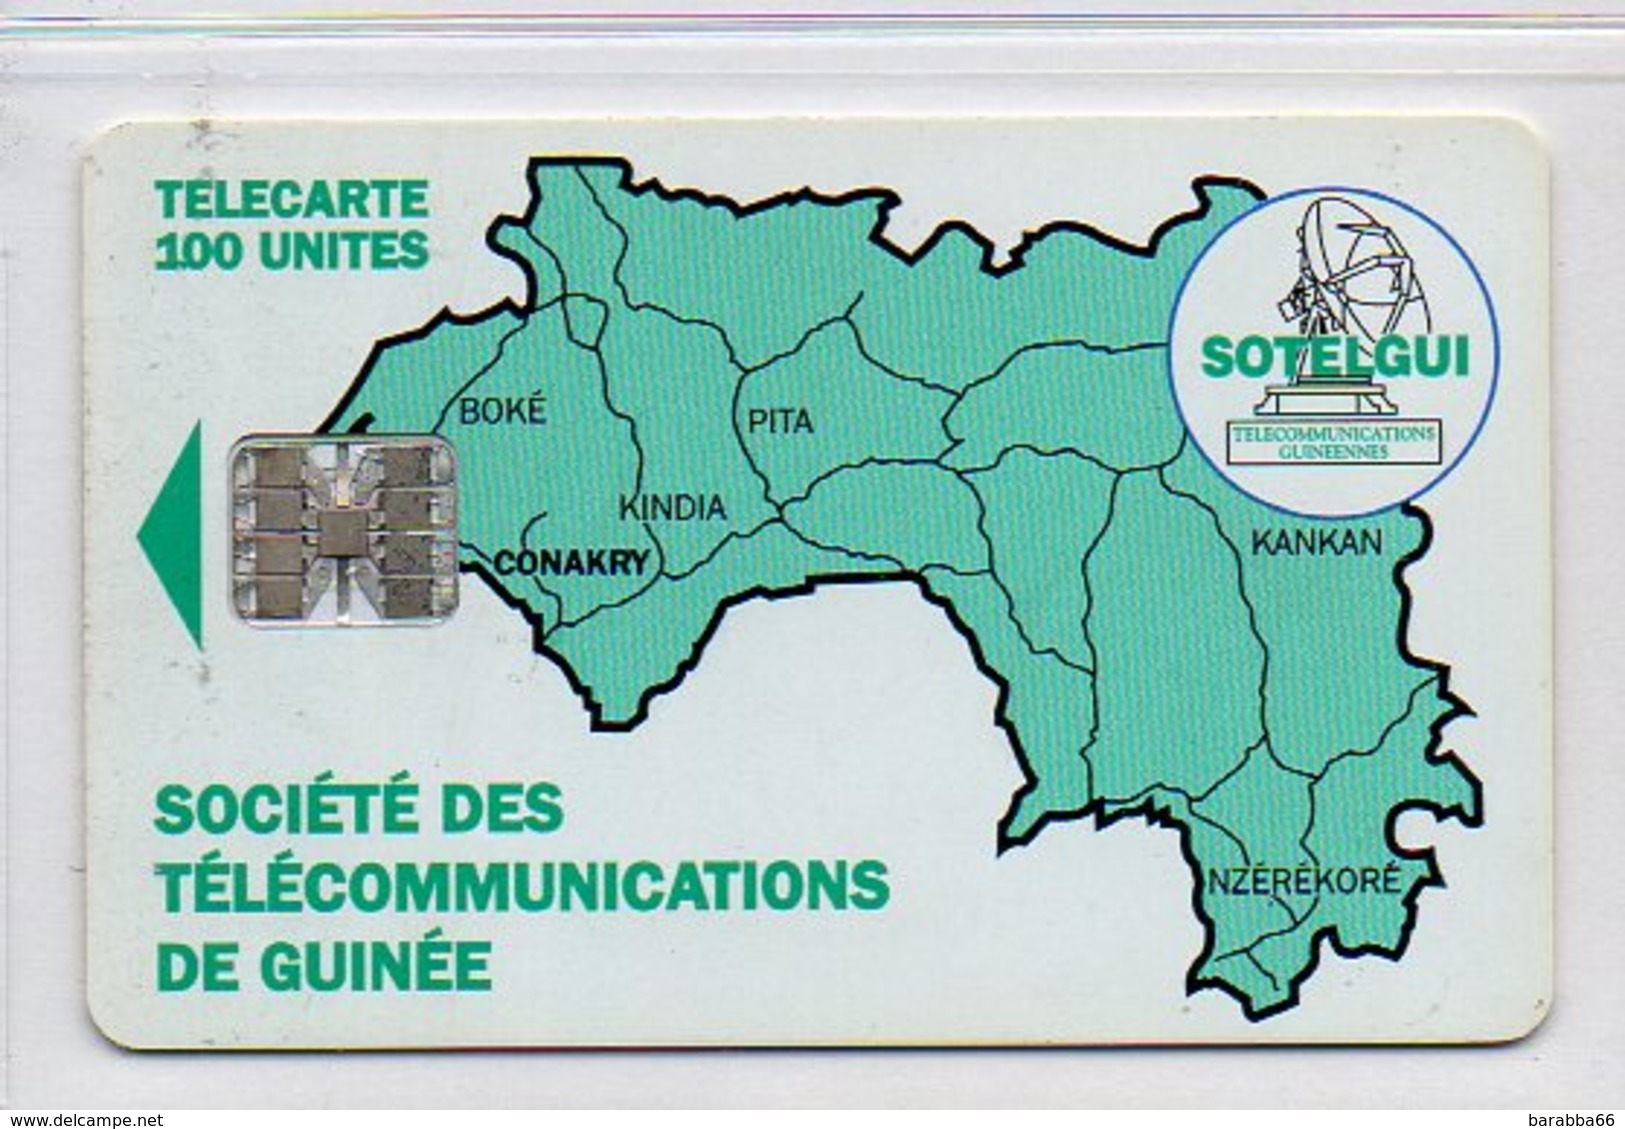 SOTELGUI - 100 UNITES - Guinée